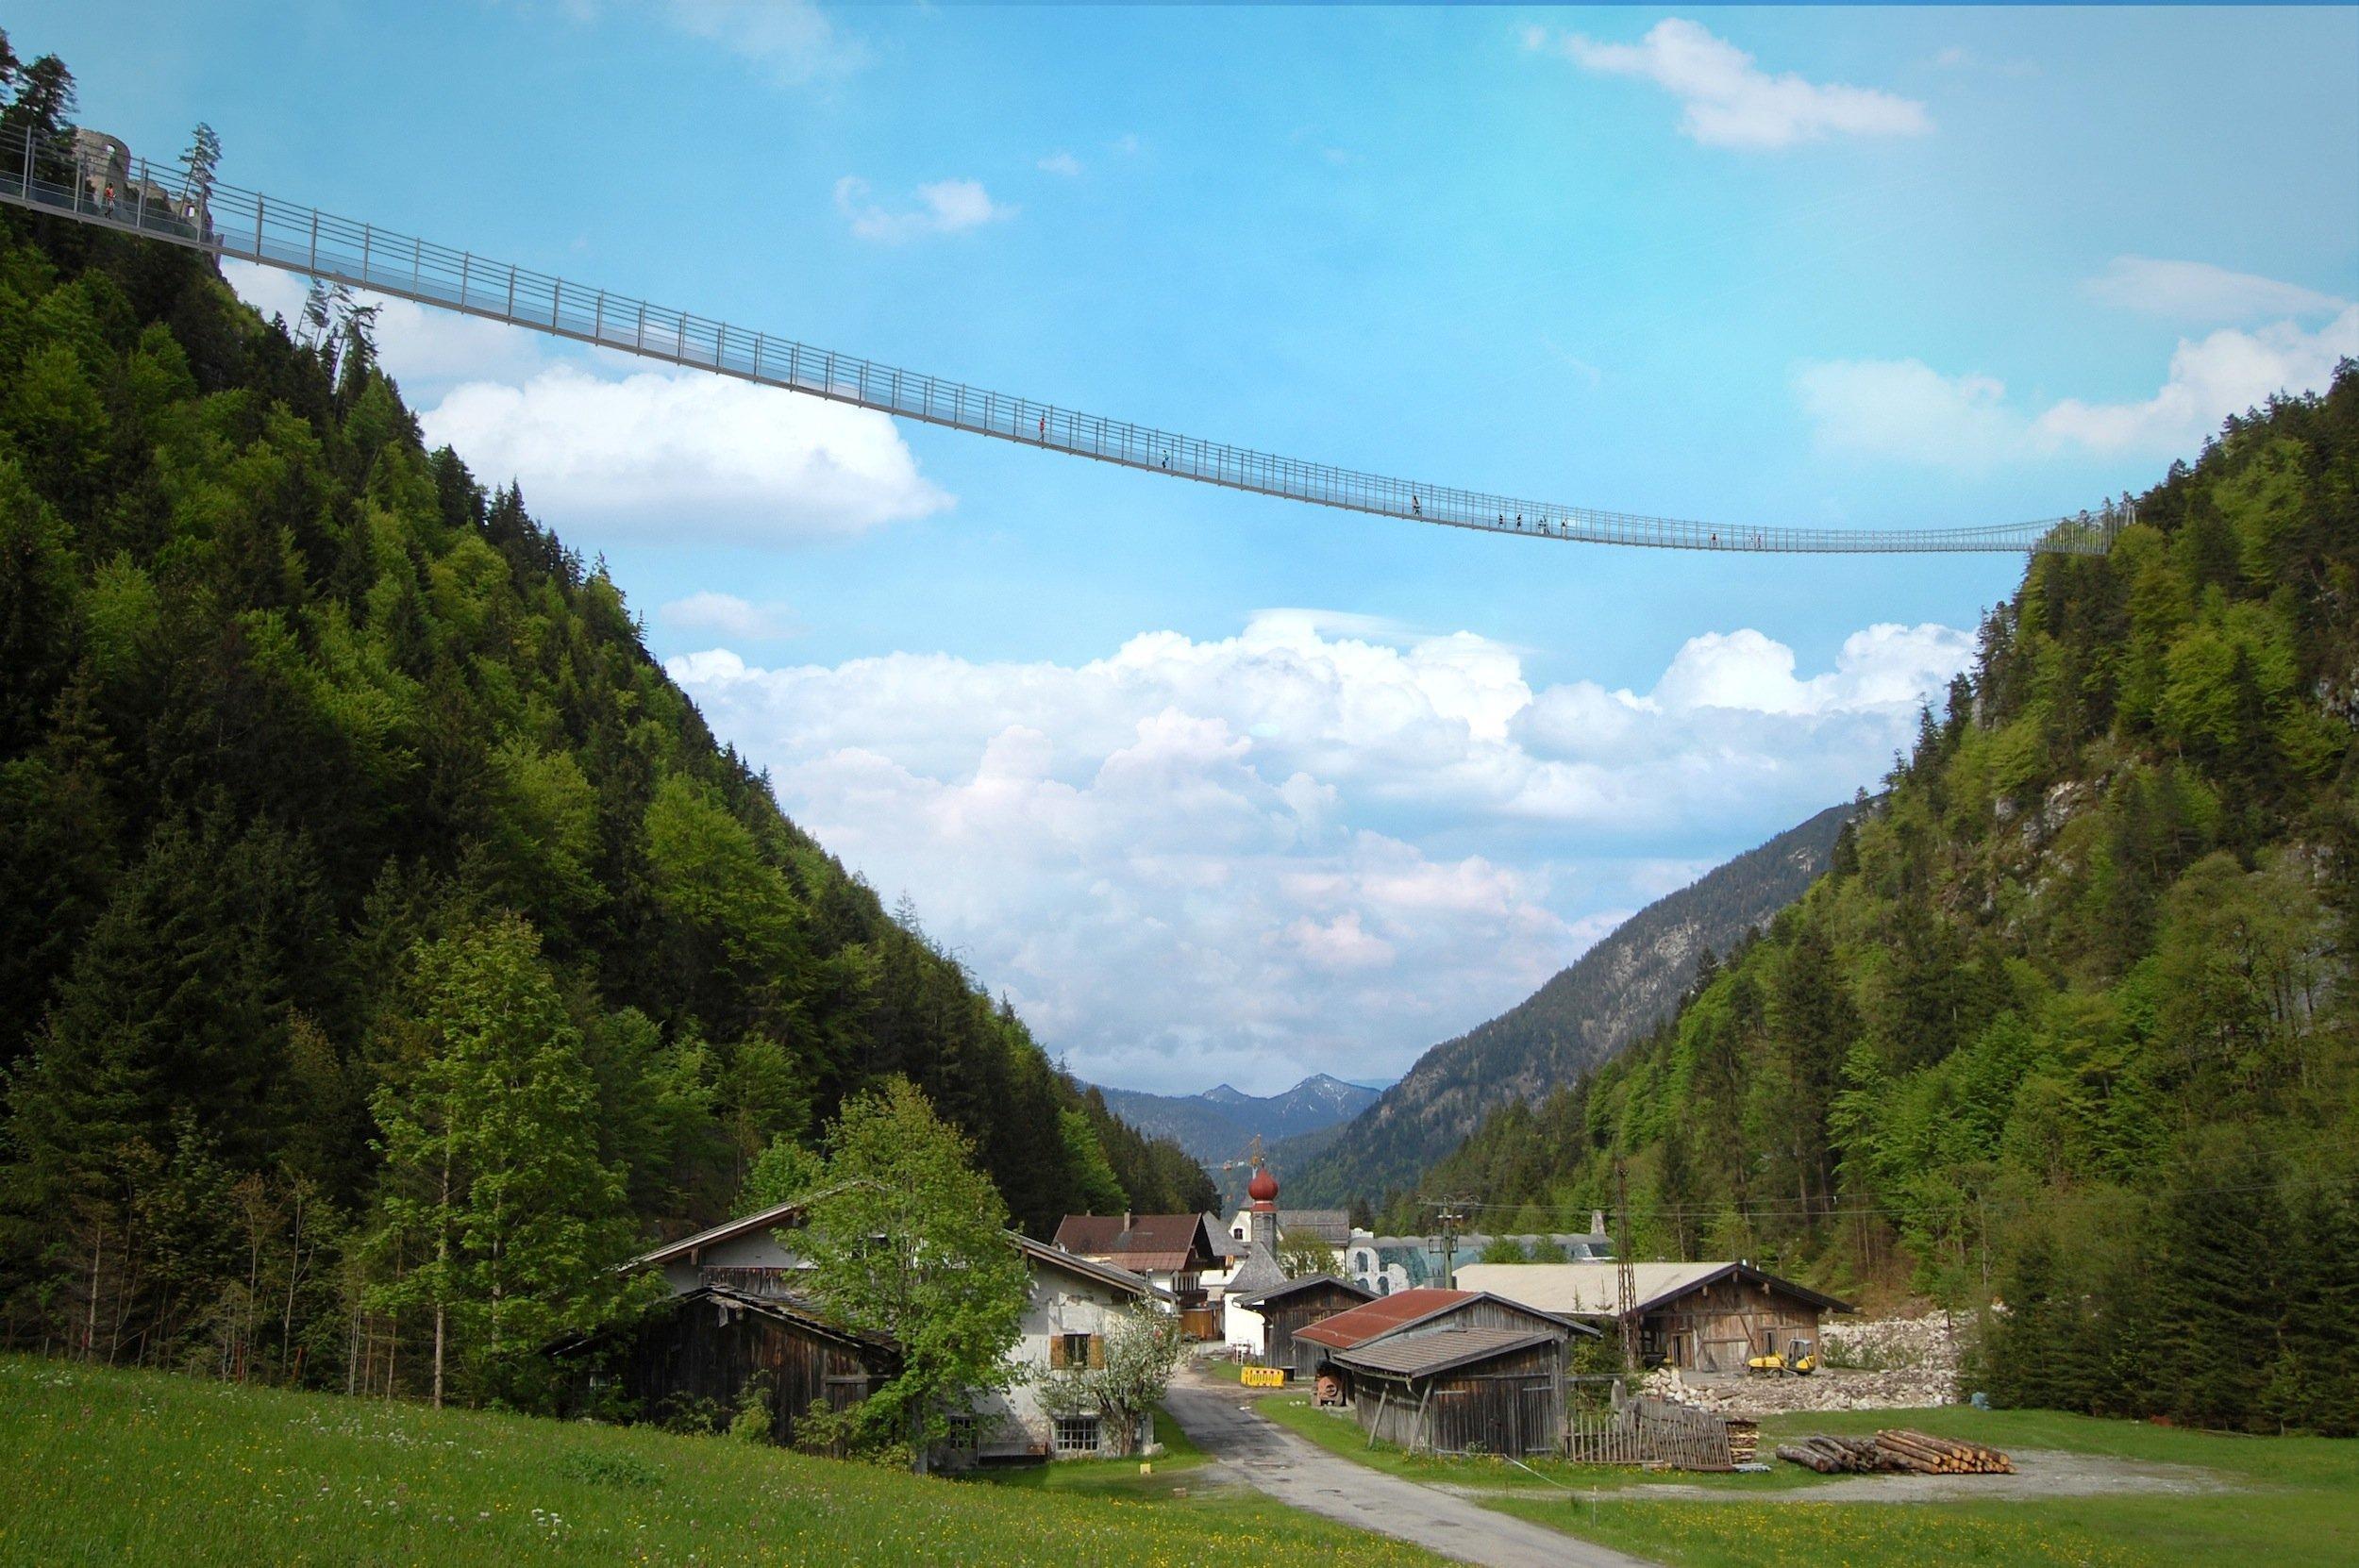 Bis zu 114 Meter hoch über dem Talgrund spannt sich die neue Hängeseilbrücke von Reutte in Tirol.